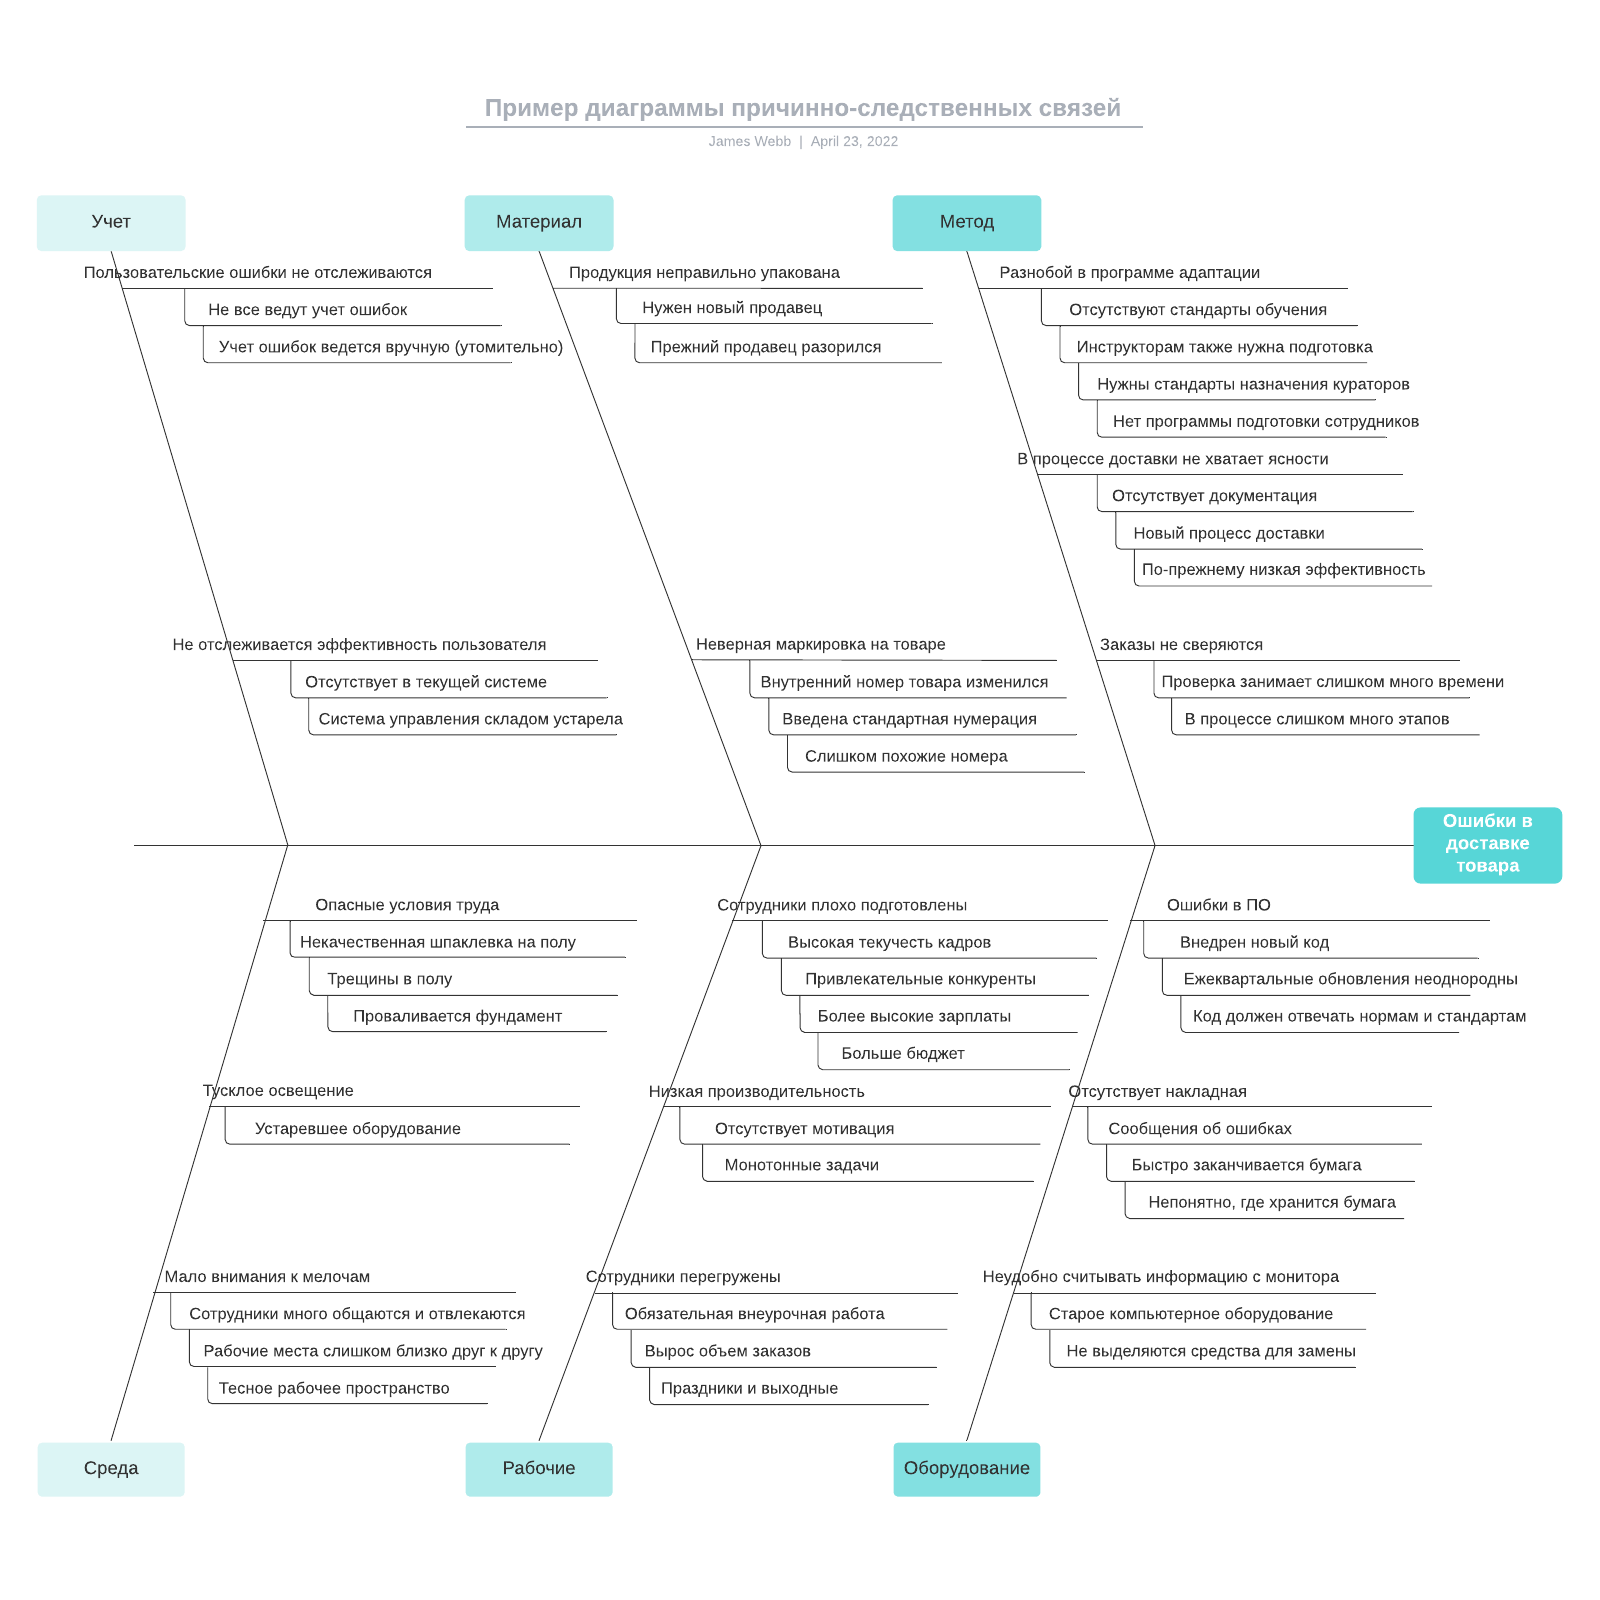 Пример диаграммы причинно-следственных связей